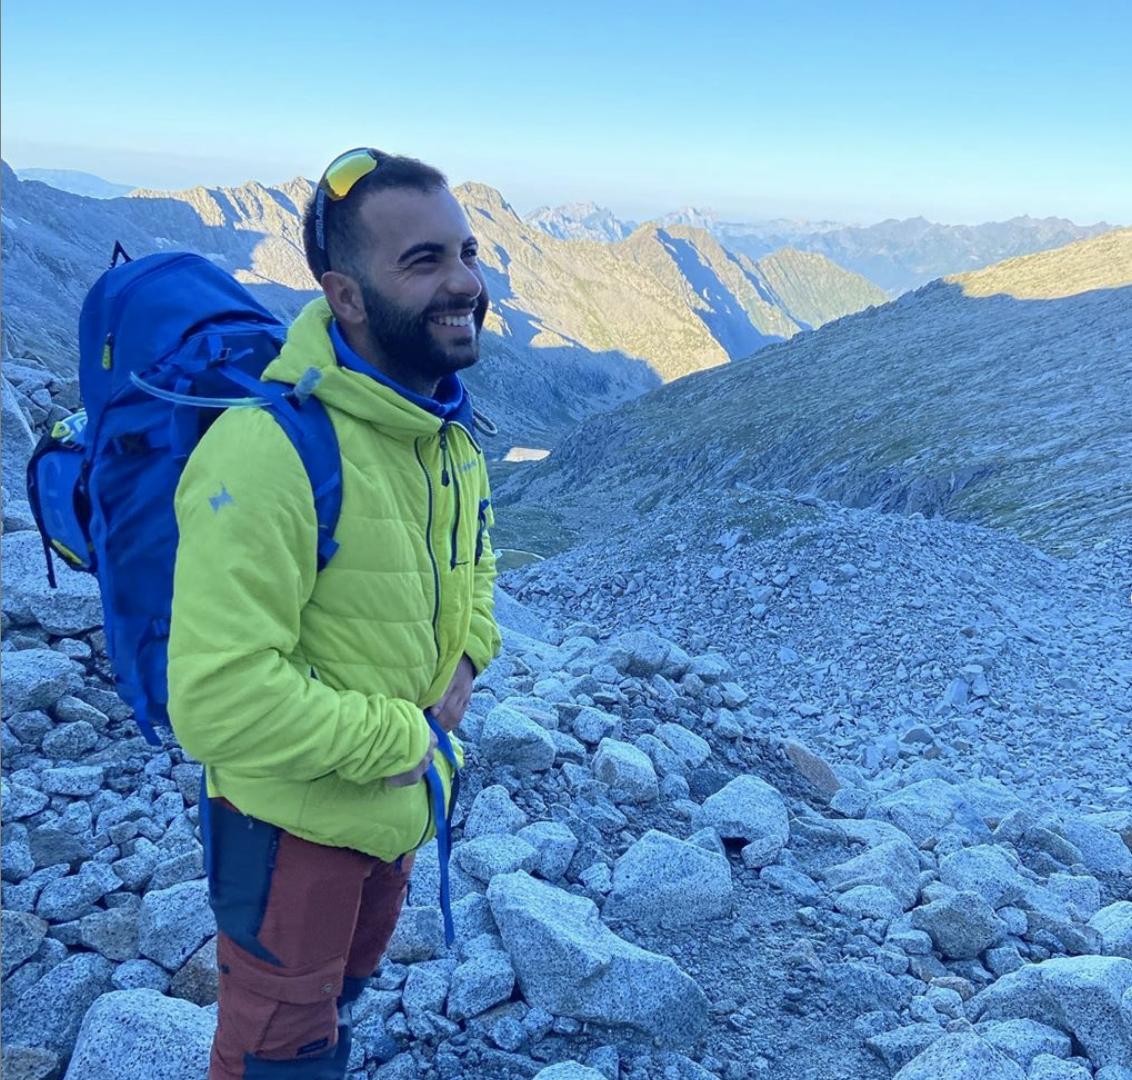 Foto di Davide, founder di Alps Platform, mentre sta facendo un percorso in montagna